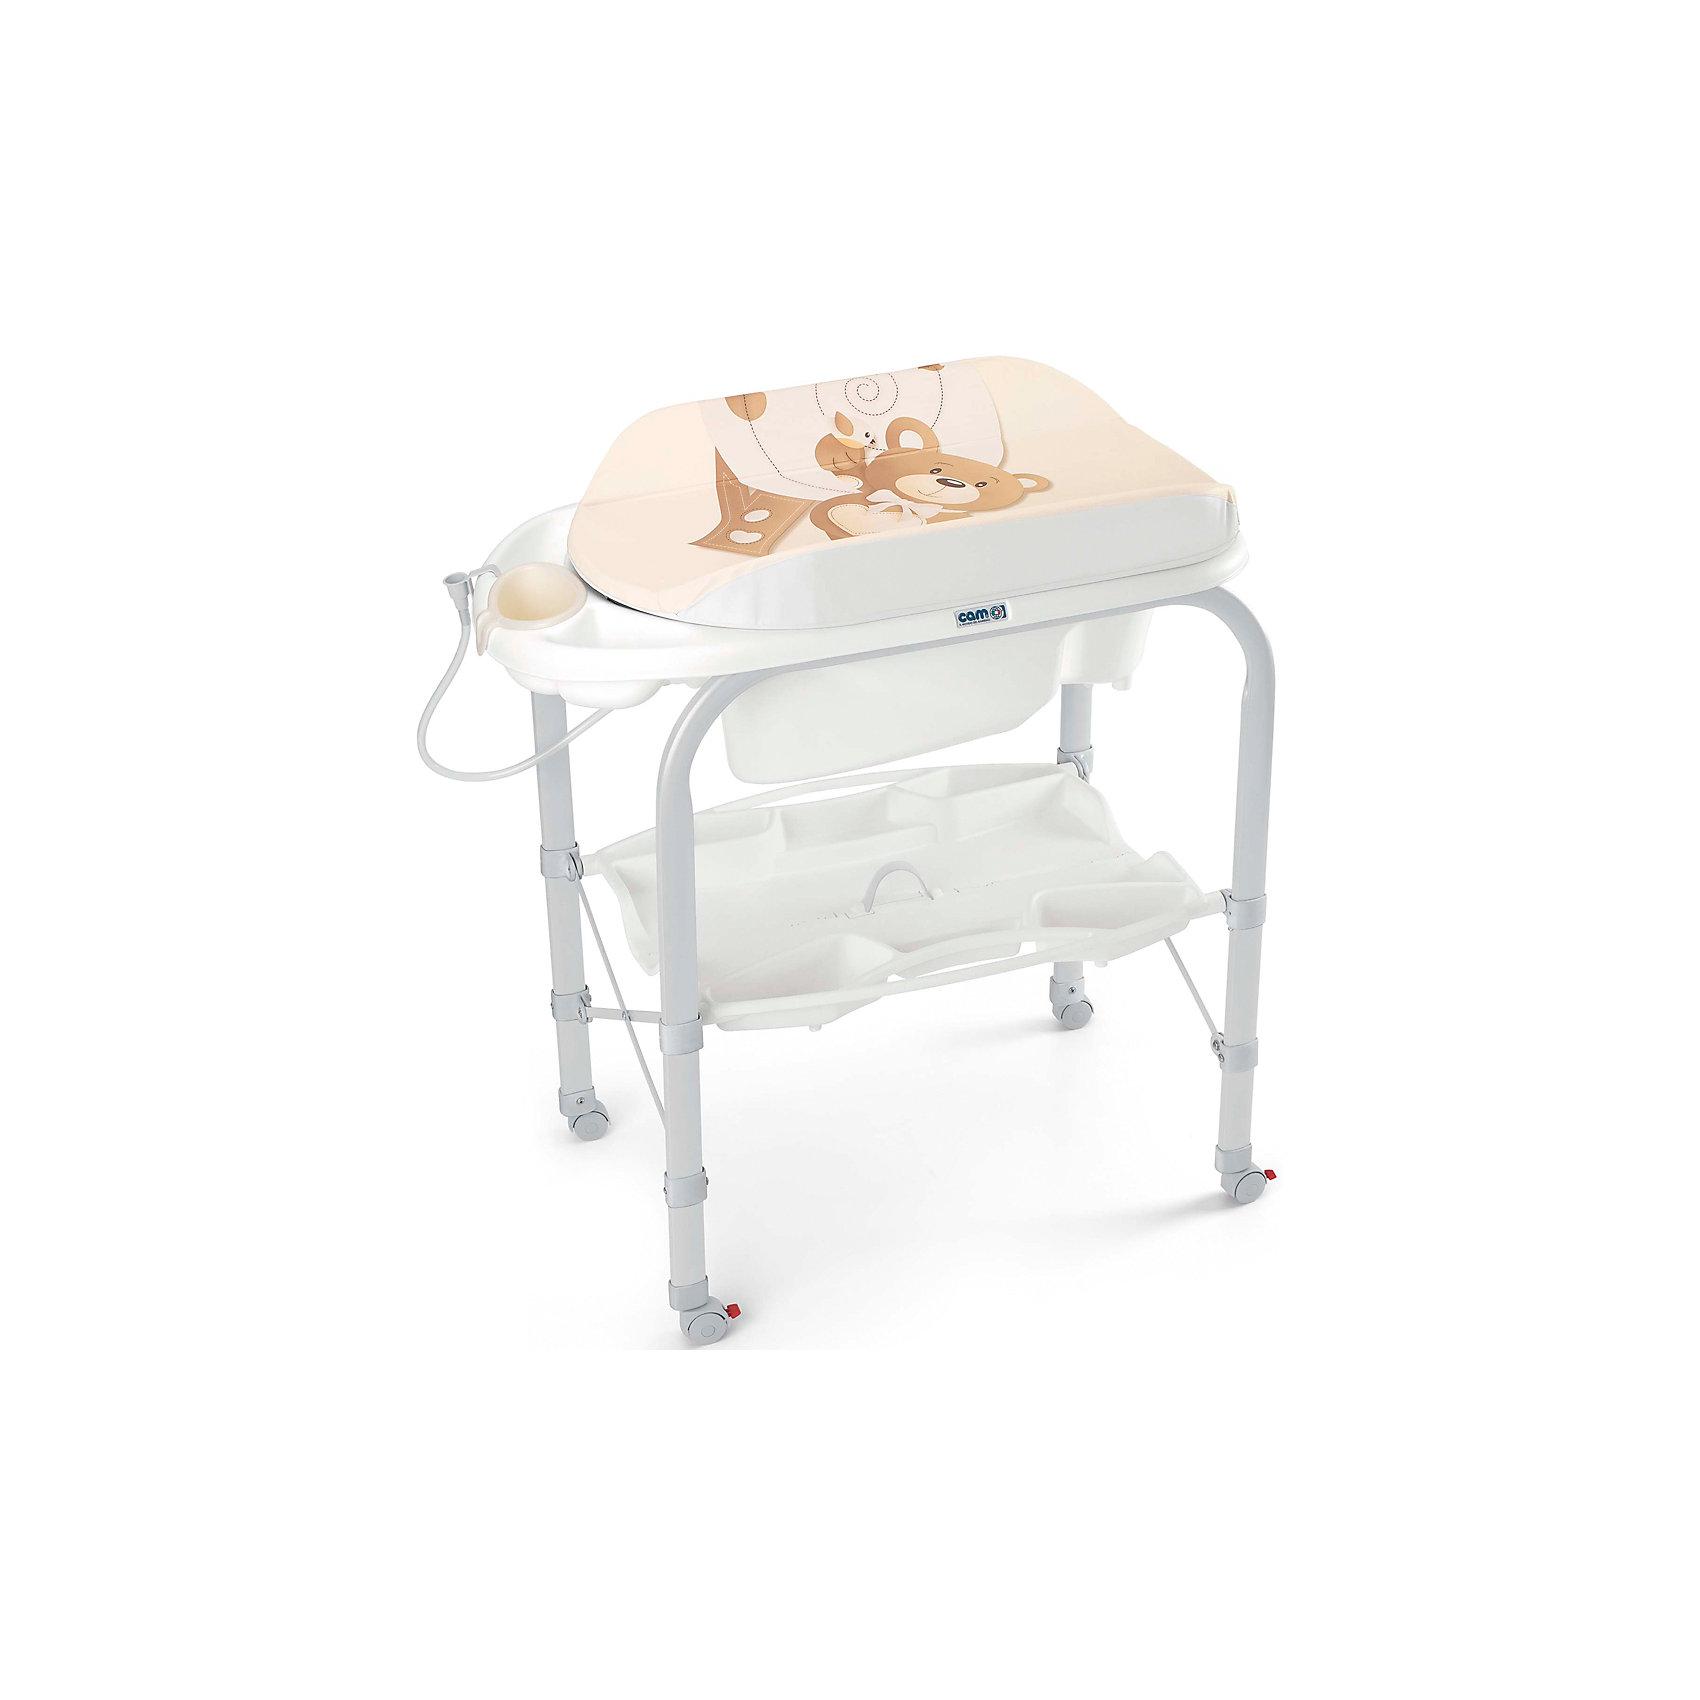 Стол для пеленания Cambio Мишка, CAM, бежевыйПеленальный столик с ванночкой - идеальный вариант для мам и малышей! Мягкий пеленальный матрасик надежно крепится к столу, покрыт водонепроницаемой тканью. Внизу есть удобные полки для детских принадлежностей. Ножки стола оснащены небольшими колесиками с фиксаторами. В ванночке предусмотрены шланг для слива воды, заглушка, 2 нескользящих сиденья: наклоненное - для малышей до 6-ти месяцев и с подлокотниками для деток постарше. Стол изготовлен из высококачественных прочных материалов, легко и быстро и компактно складывается, занимает мало места при хранении и транспортировке.  <br><br>Дополнительная информация:<br><br>- Материал: пластик, металл.<br>- Размер в разложенном виде: 95х54х104 см.<br>- Размер в сложенном виде: 83х31х93 см.<br>- Удобная полка для детских принадлежностей.<br>- Сливное отверстие с заглушкой.<br>- 2 сиденья.<br>- Колеса с фиксаторами.<br>- Съемный пеленальный матрас.<br>- Легко складывается. <br><br>Стол для пеленания с ванночкой Cambio Мишка, CAM, бежевый, можно купить в нашем магазине.<br><br>Ширина мм: 570<br>Глубина мм: 280<br>Высота мм: 840<br>Вес г: 11000<br>Возраст от месяцев: 0<br>Возраст до месяцев: 12<br>Пол: Унисекс<br>Возраст: Детский<br>SKU: 4443770